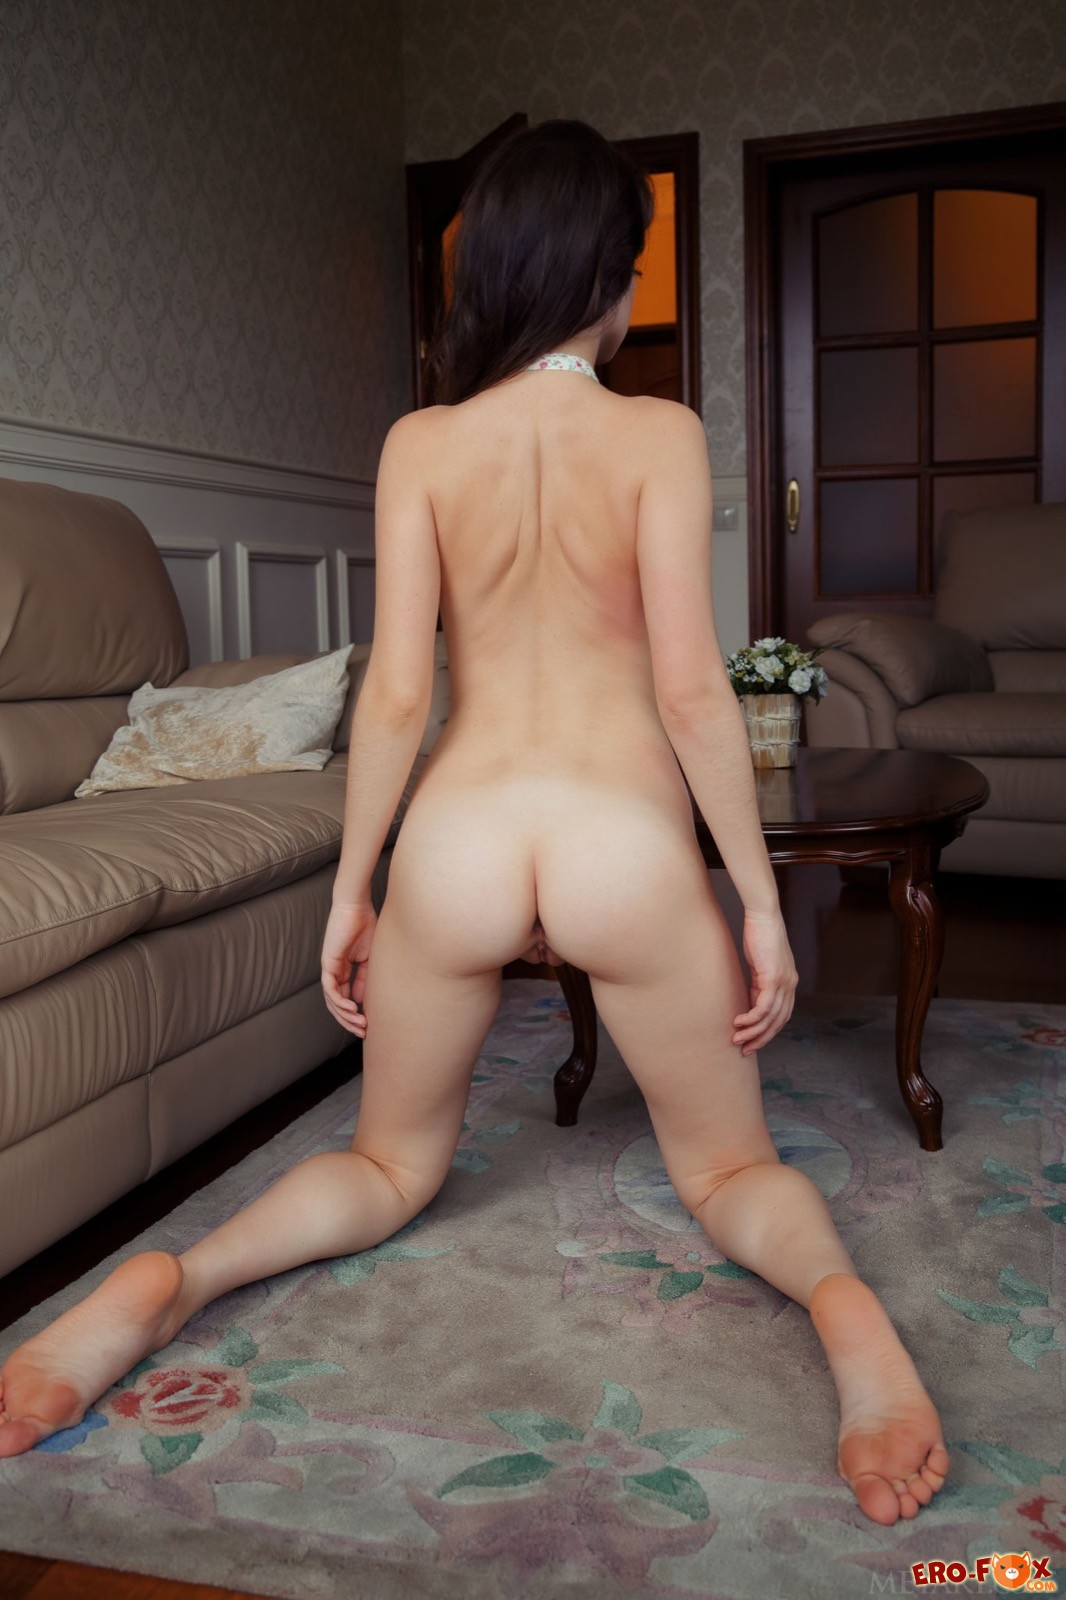 Сексуальная голая девушка в отеле